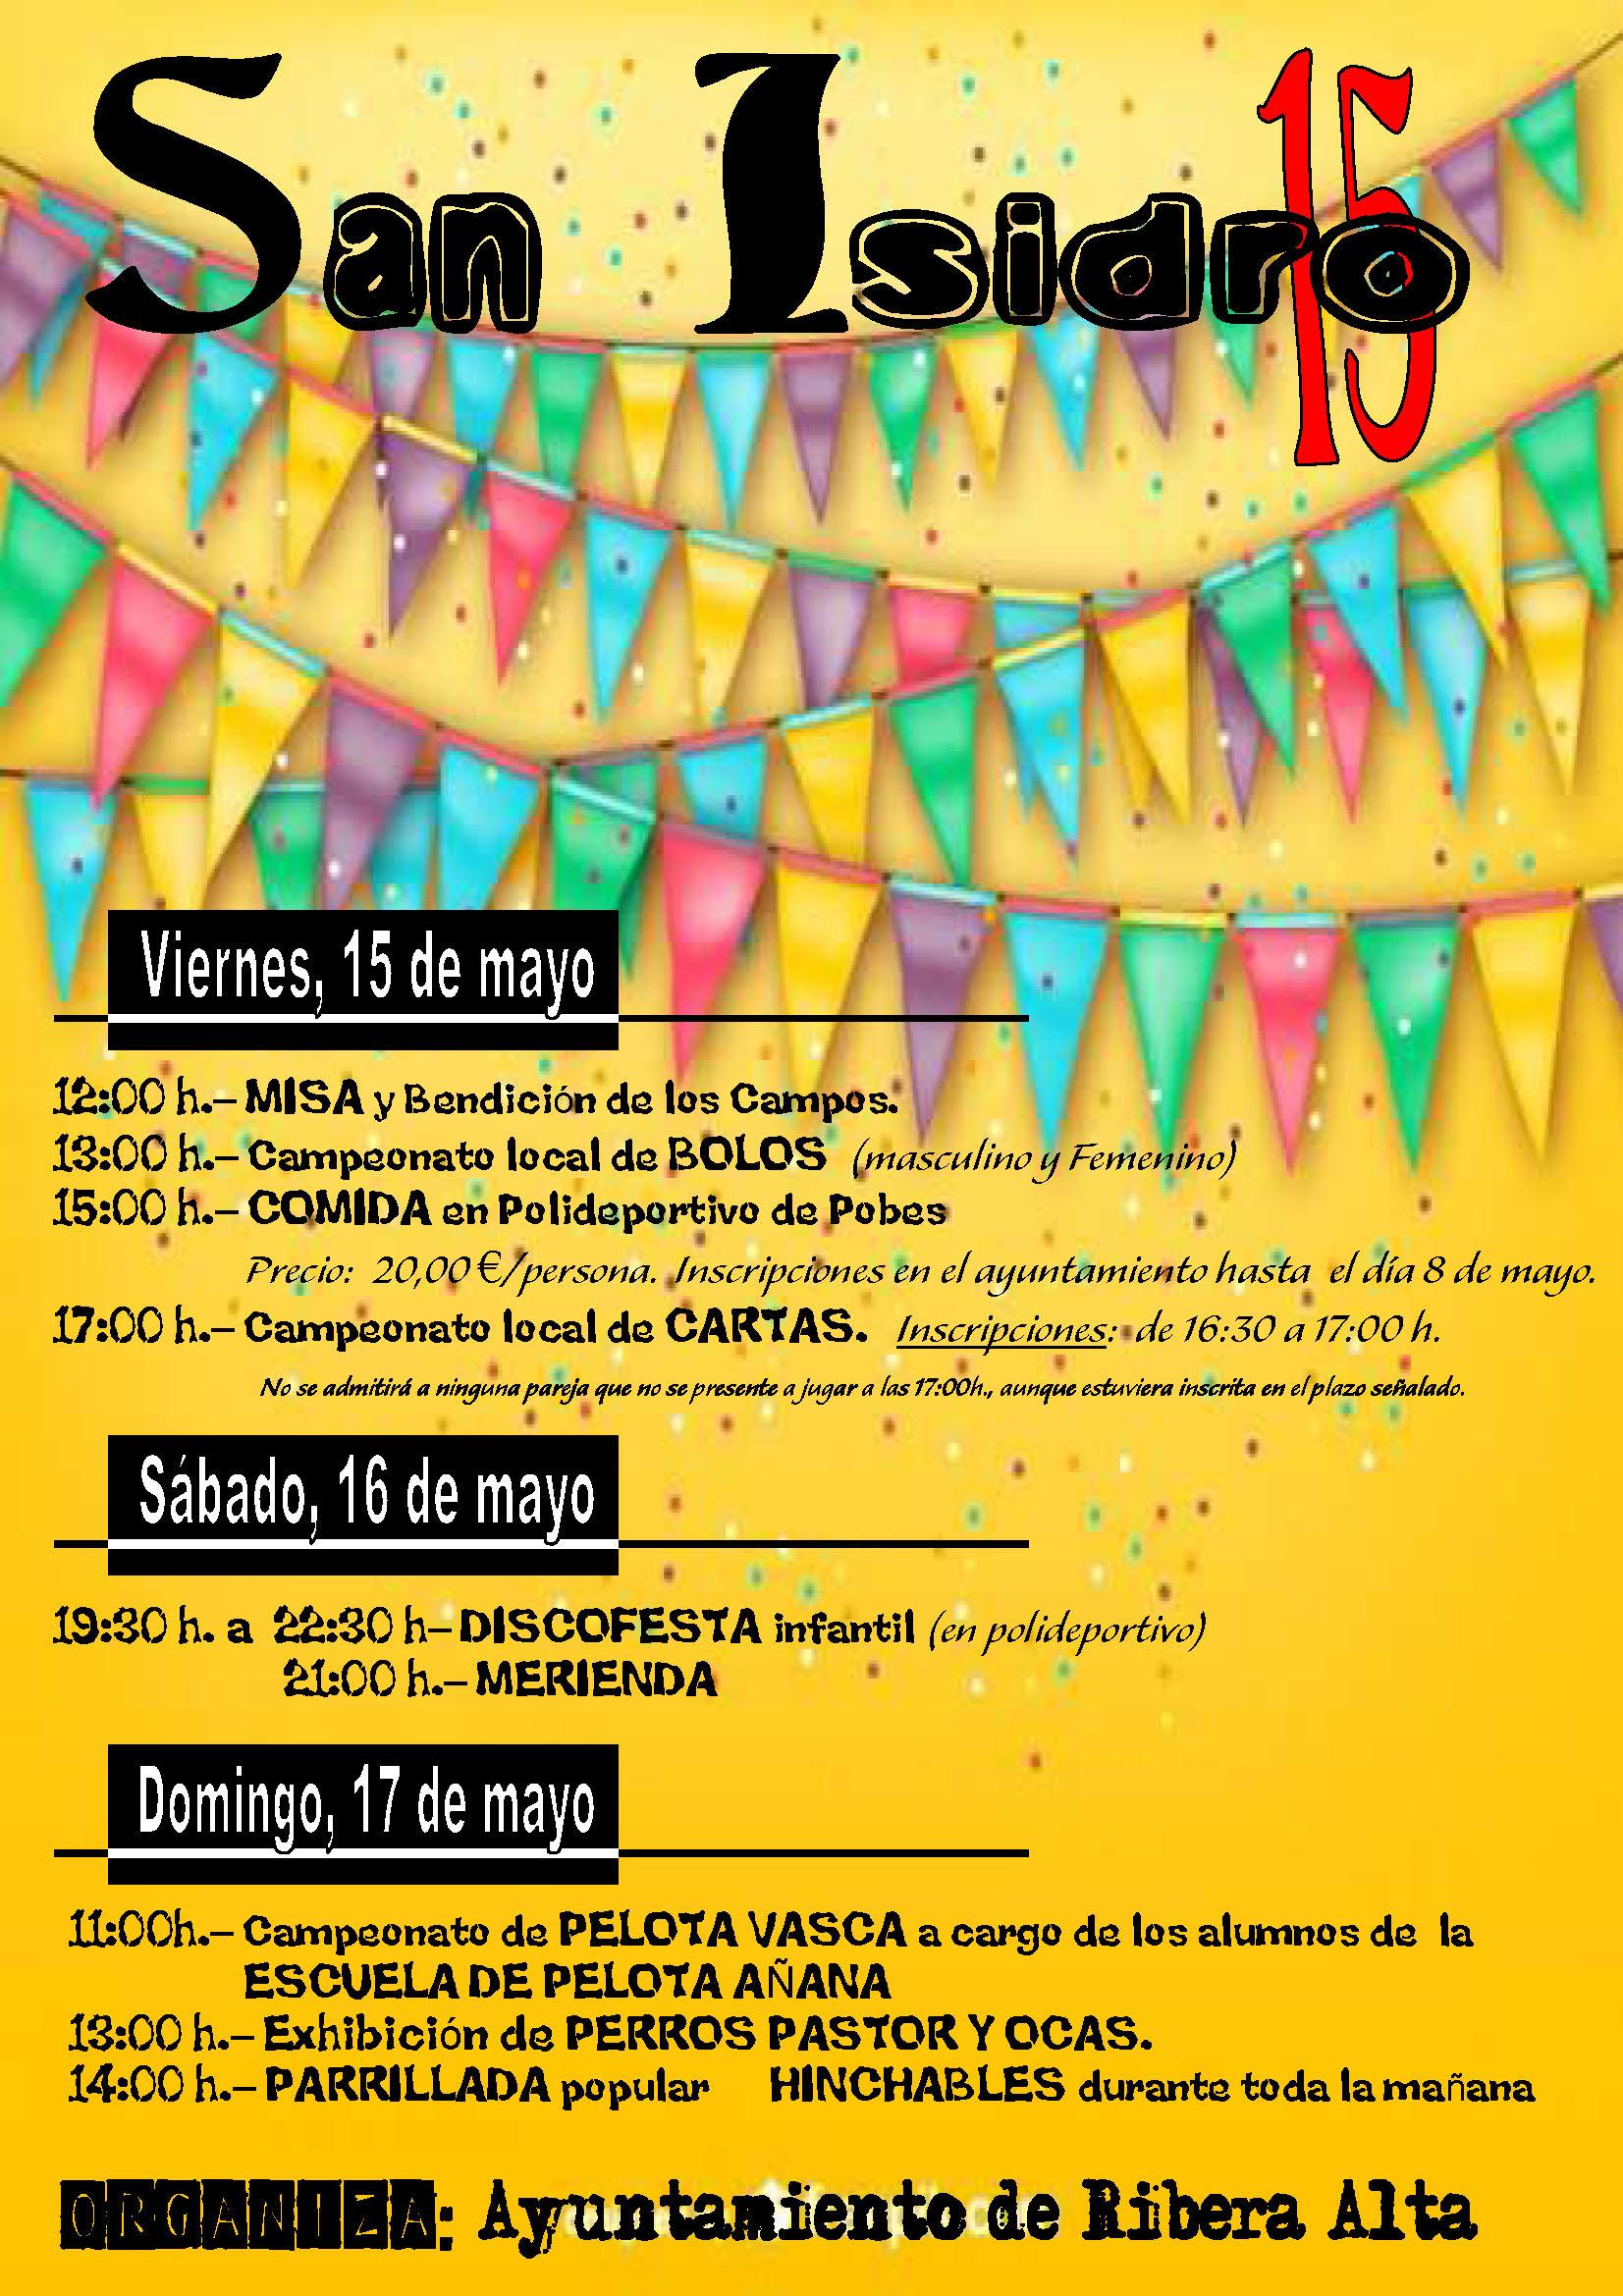 Fiestas patronales de San Isidro, del 15 al 17 de mayo 2015